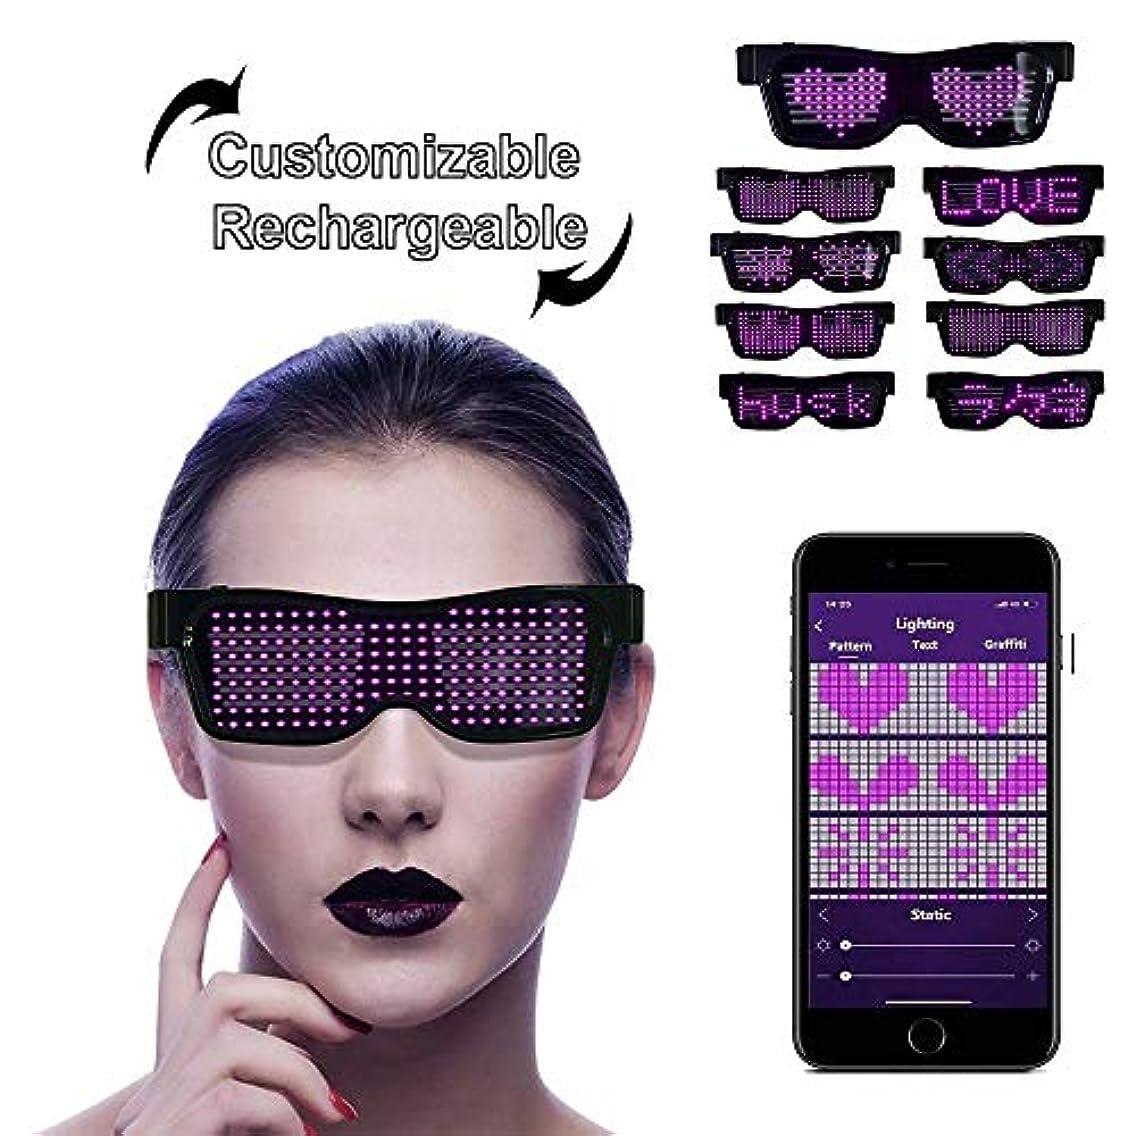 レザー粘性の想像力豊かなLEDサングラス, LEDメガネ ブルートゥースLEDパーティーメガネカスタマイズ可能なLEDメガネUSB充電式9モードワイヤレス点滅LEDディスプレイ、フェスティバル用グロー眼鏡レイヴパーティー